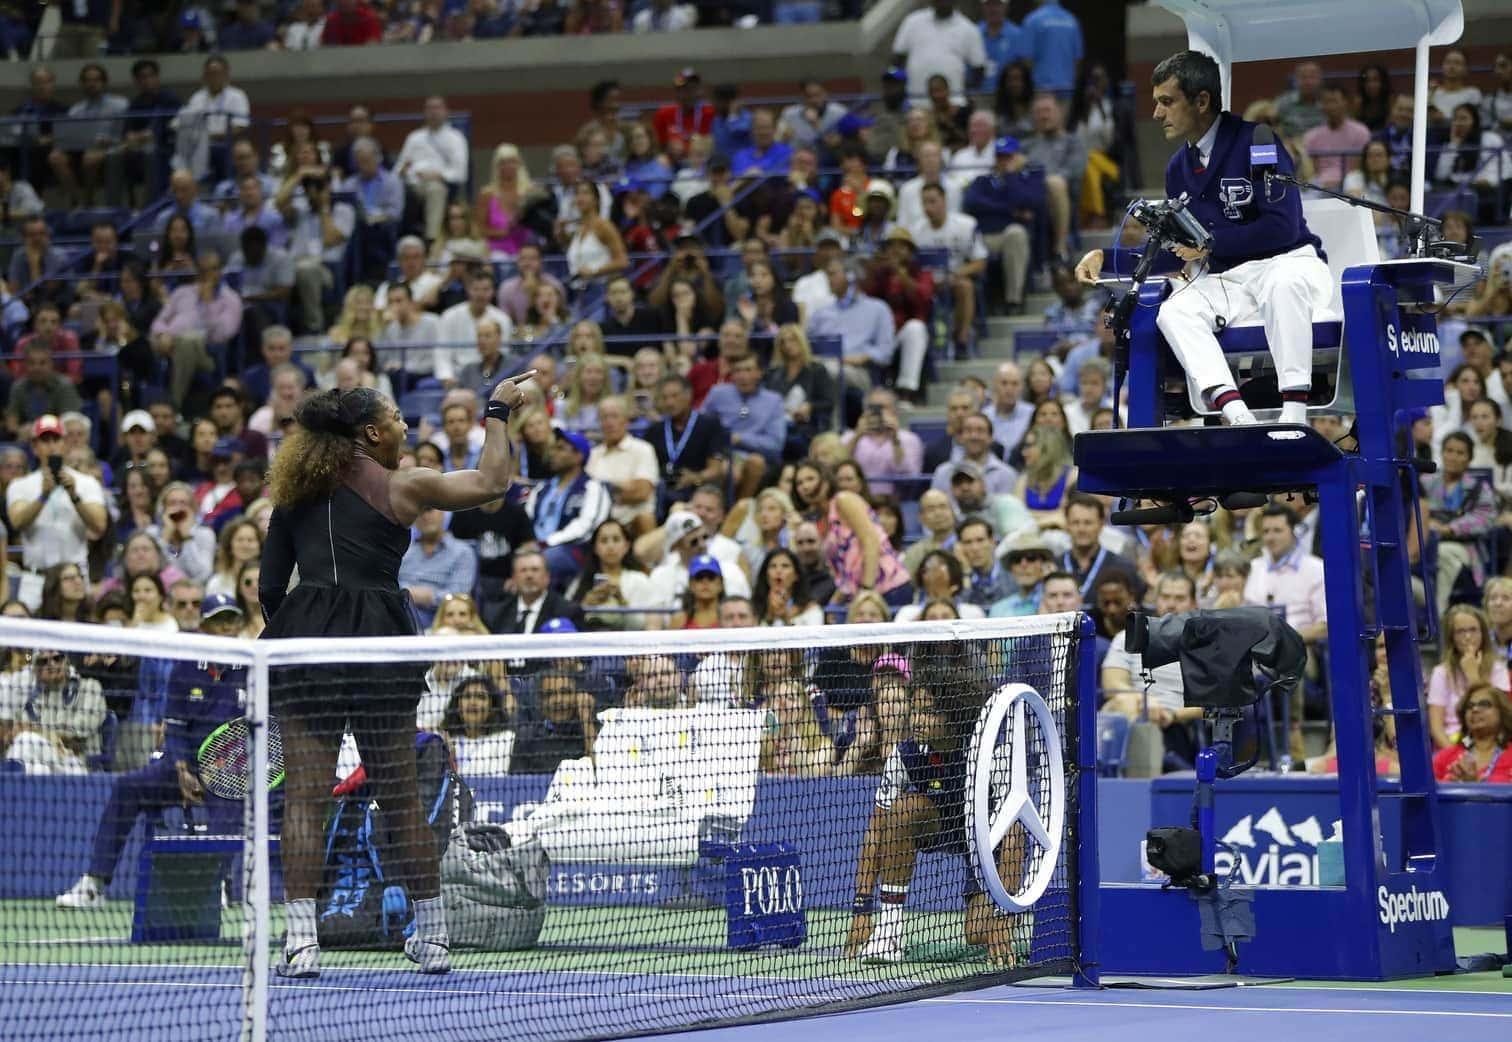 in dem die Altmeisterin für einen Skandal sorgt. Dem Schiedsrichter verweigert sie am Ende den Handschlag. Der größte Triumph von Osaka geht fast unter.</p> Foto: dpa